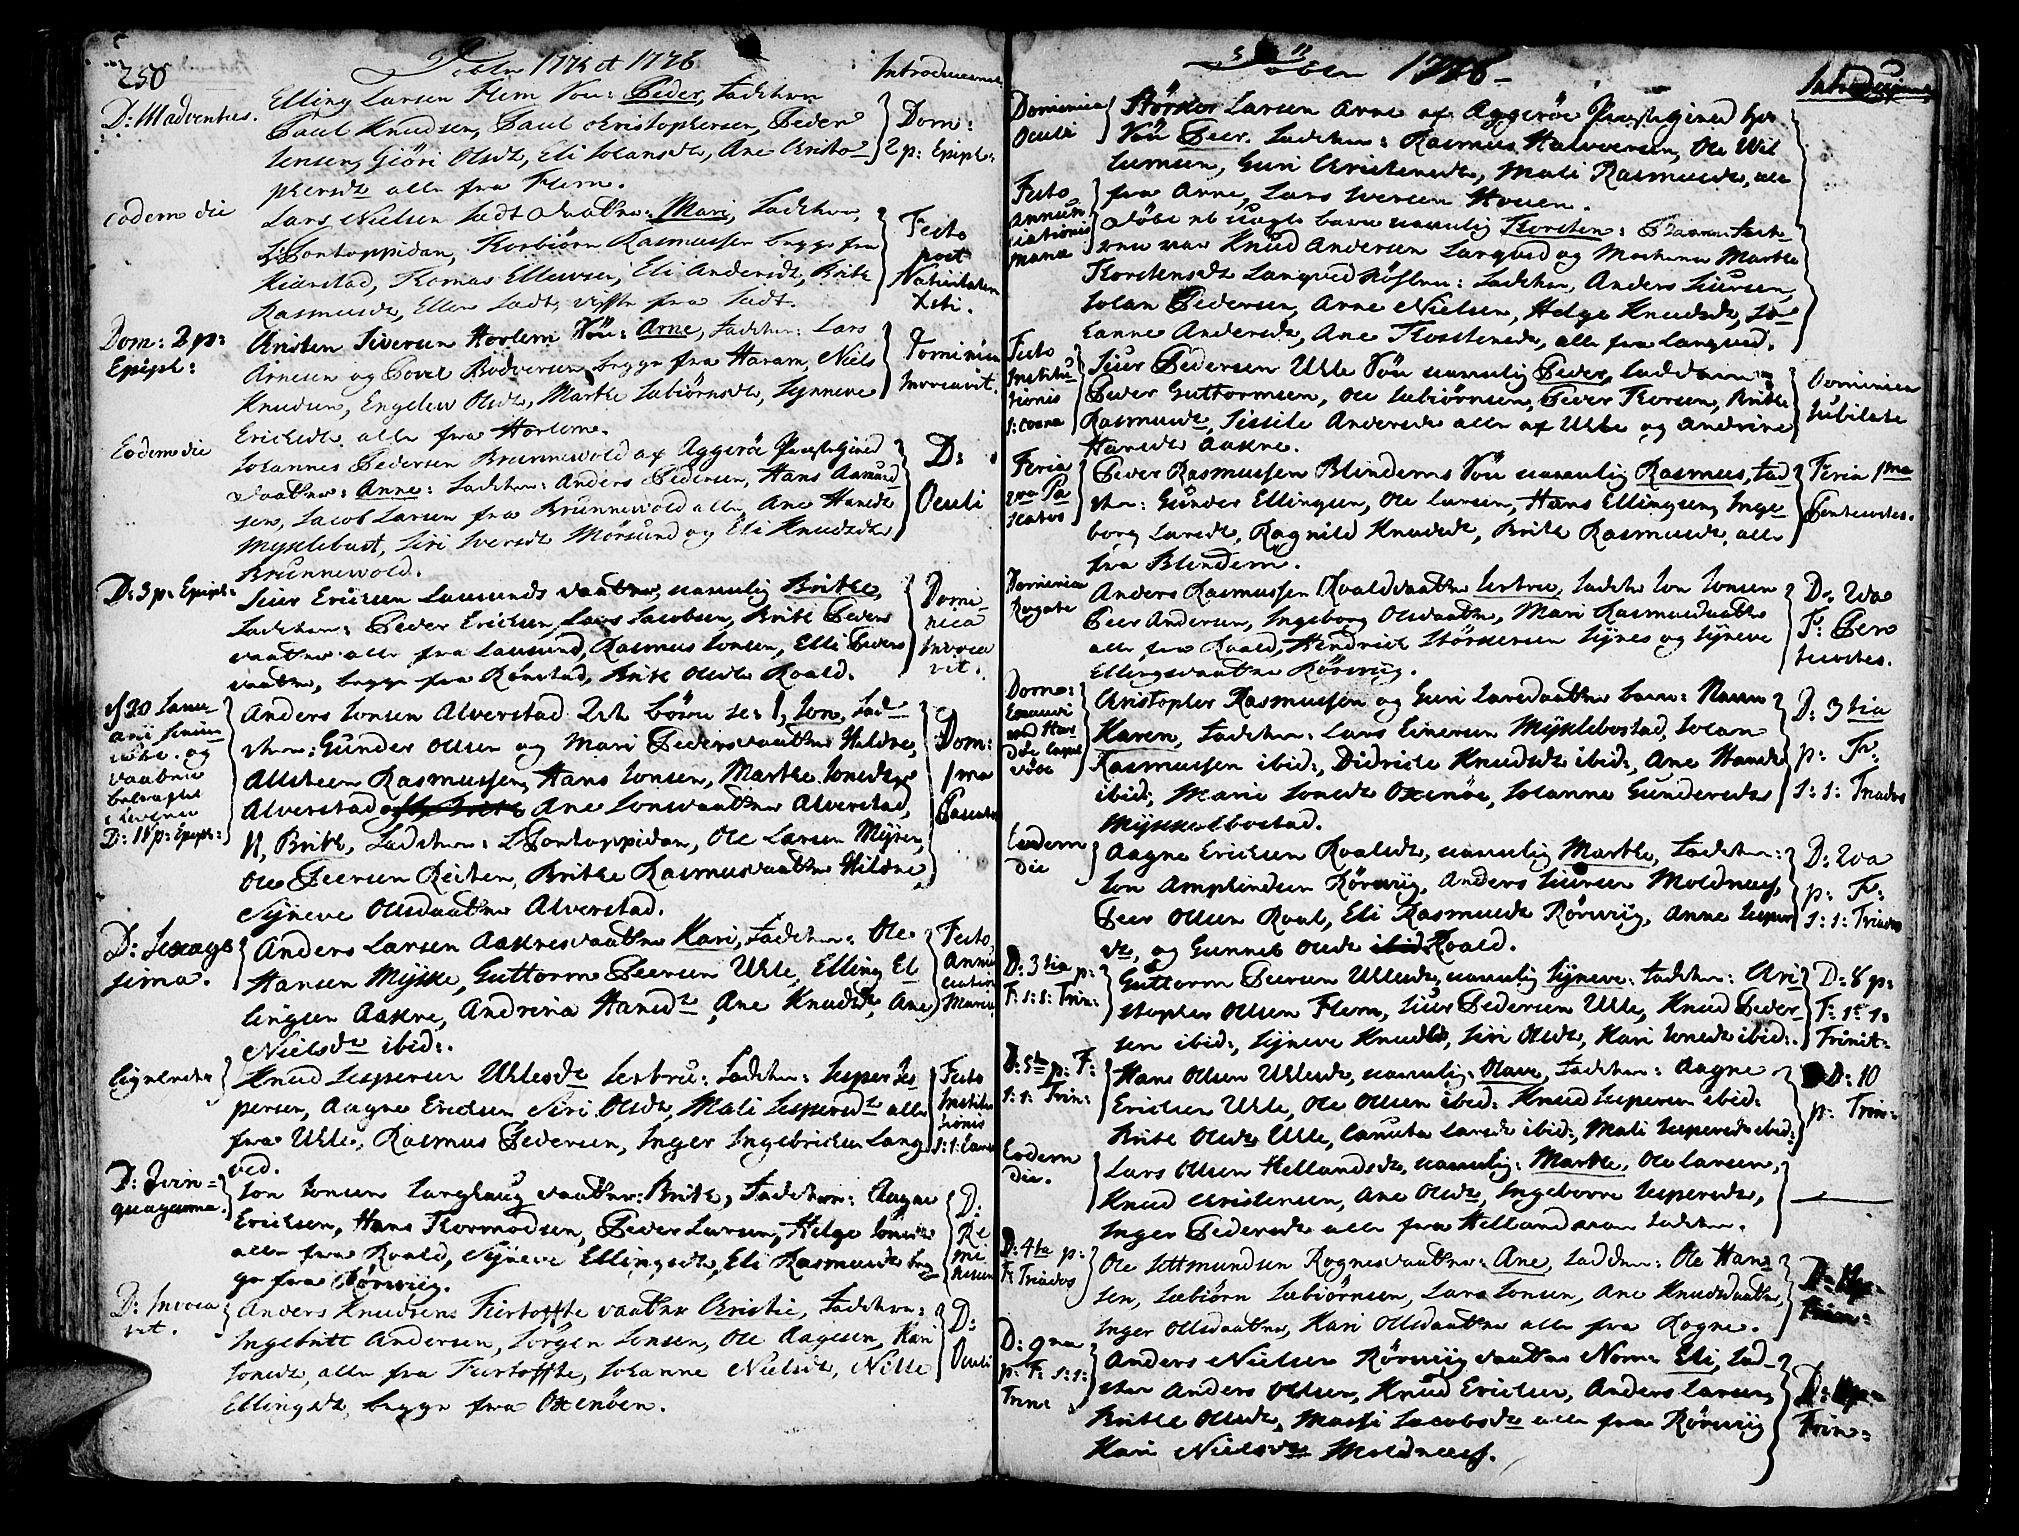 SAT, Ministerialprotokoller, klokkerbøker og fødselsregistre - Møre og Romsdal, 536/L0493: Ministerialbok nr. 536A02, 1739-1802, s. 250-251